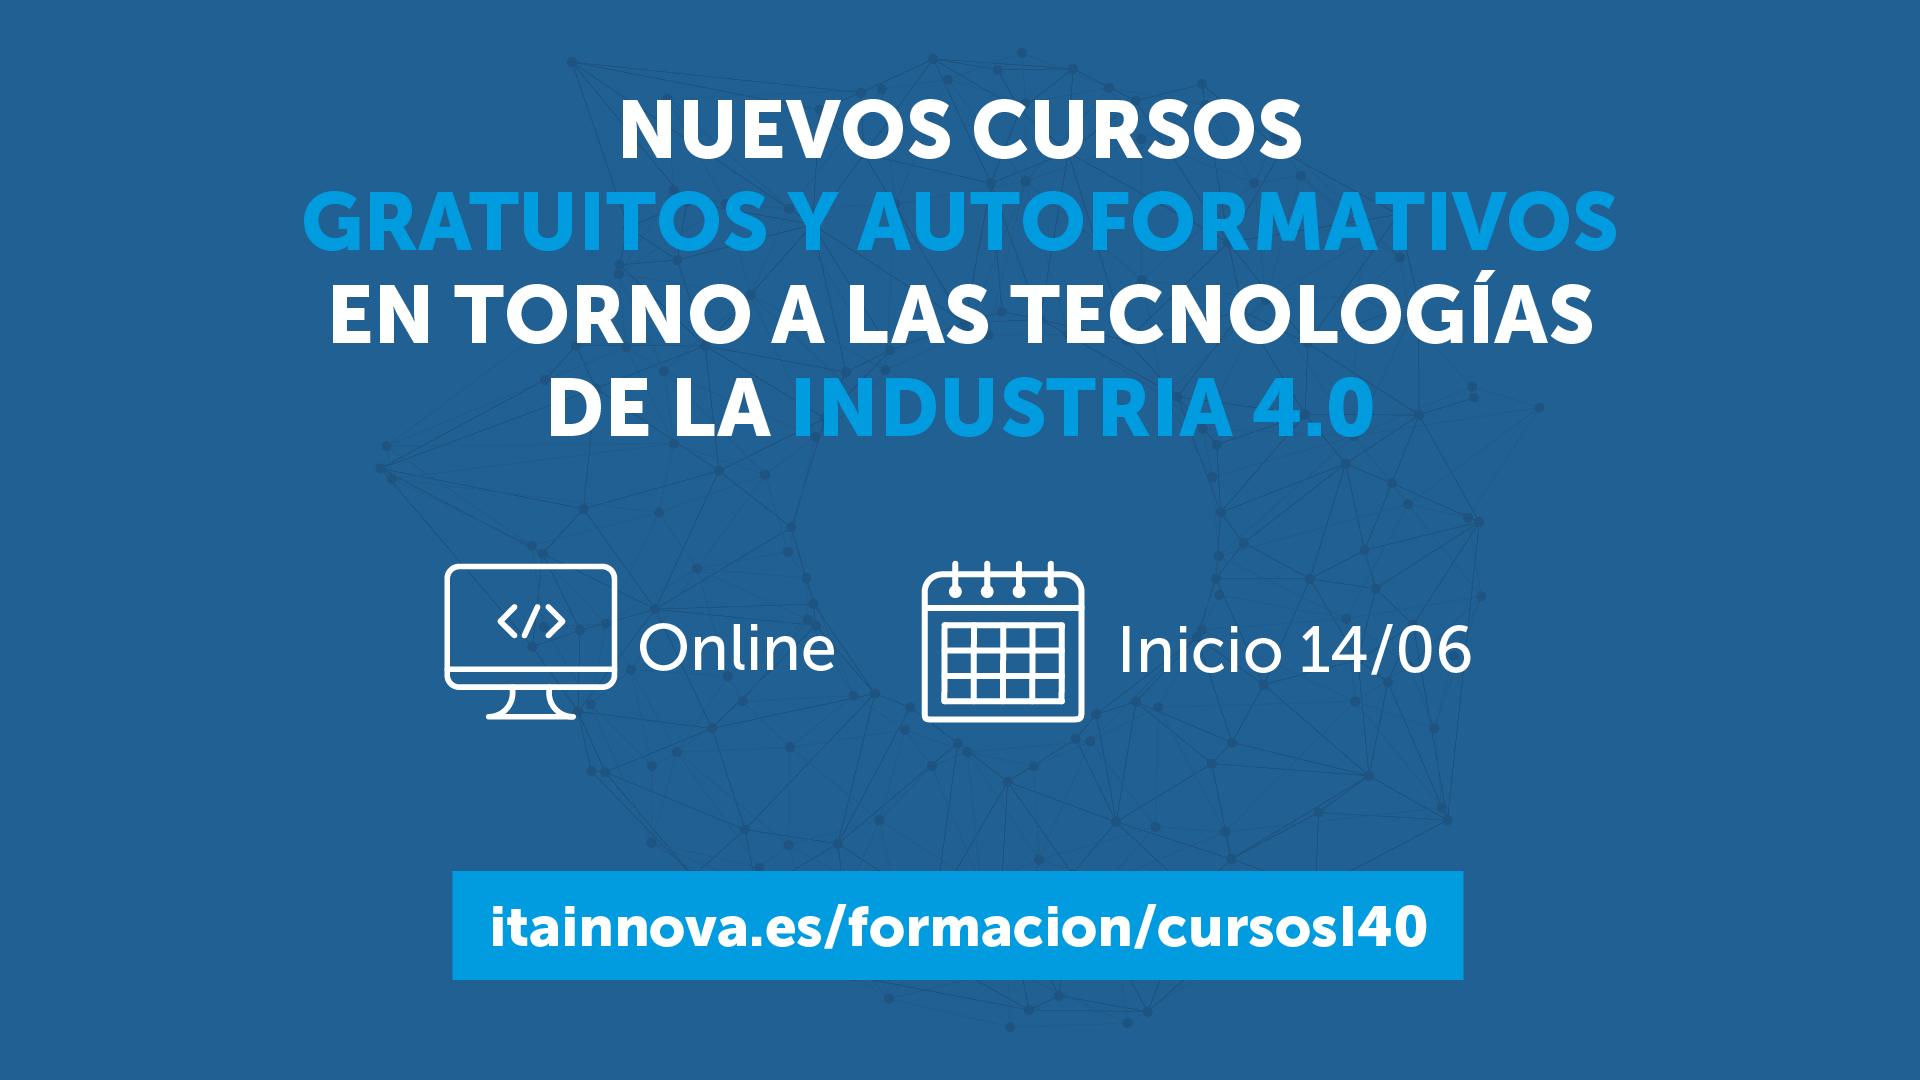 """ITAINNOVA lanza los """"Módulos Autoformativos sobre Tecnologías 4.0"""", para promover la capacitación de talento"""